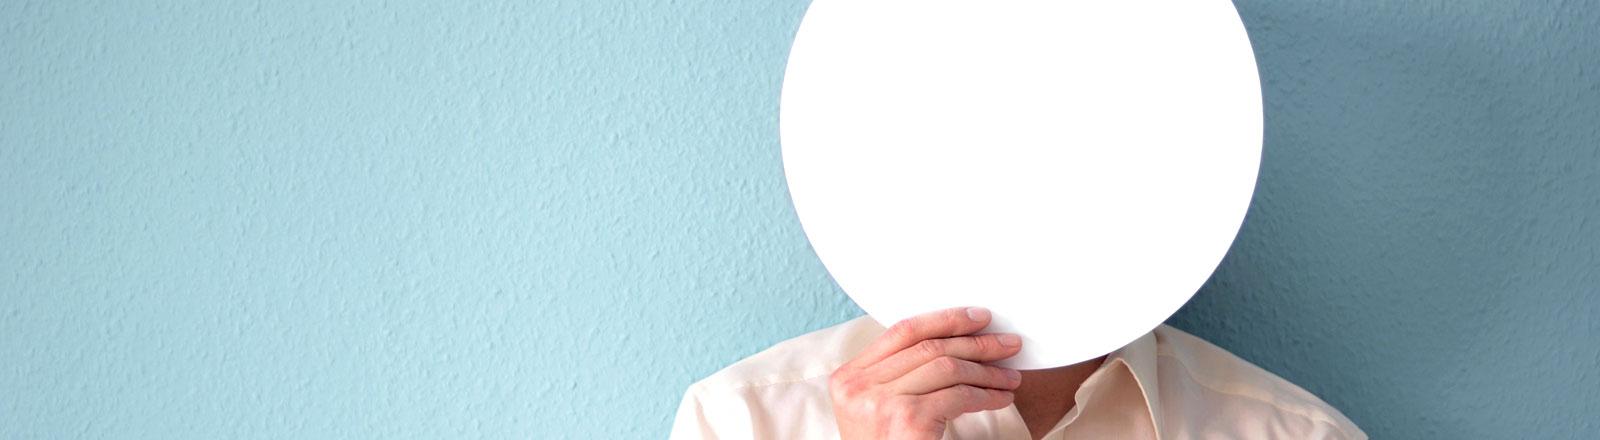 Eine Person hält sich eine weiße Scheibe vor das Gesicht.